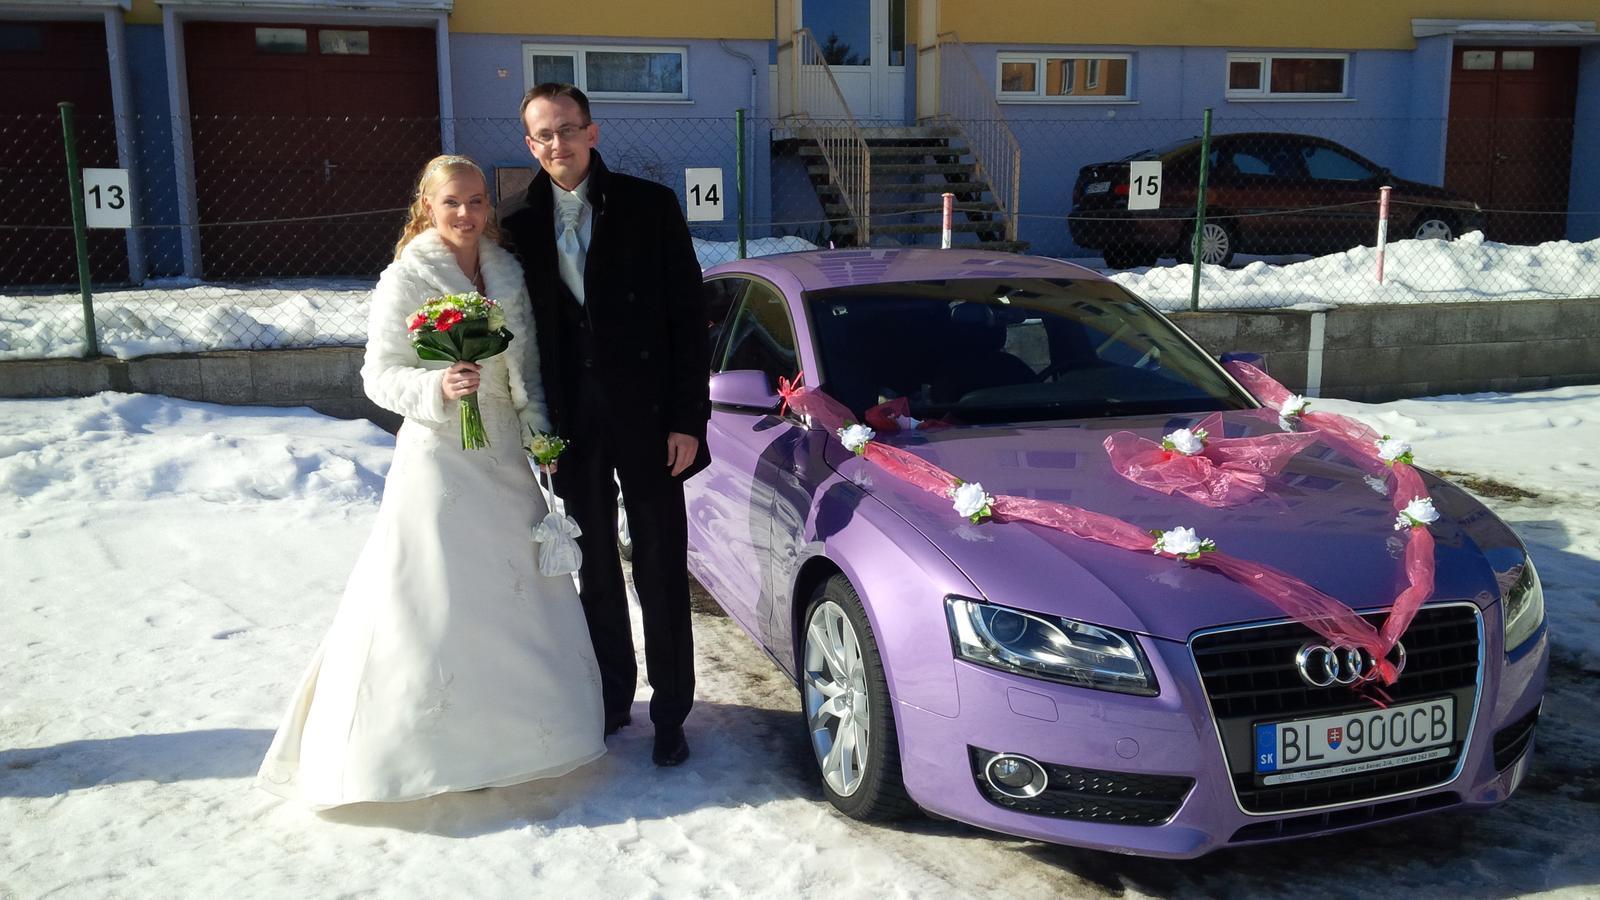 Dievčatá pridám vám aspoň jednu fotku z nášho svadobného dňa :) - Obrázok č. 1